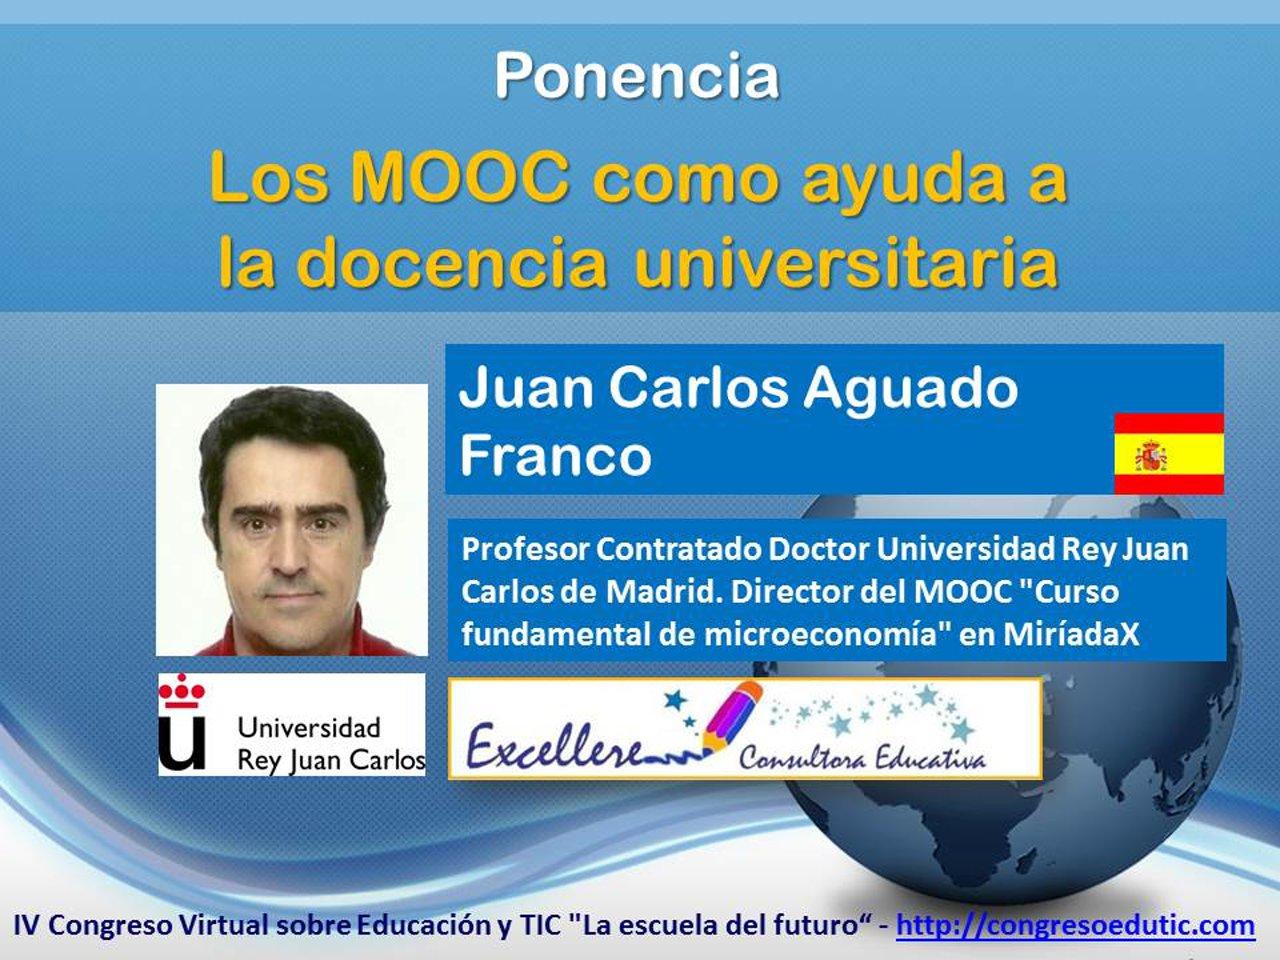 Ponencia de JC Aguado Franco: Los MOOC como ayuda a  la docencia universitaria